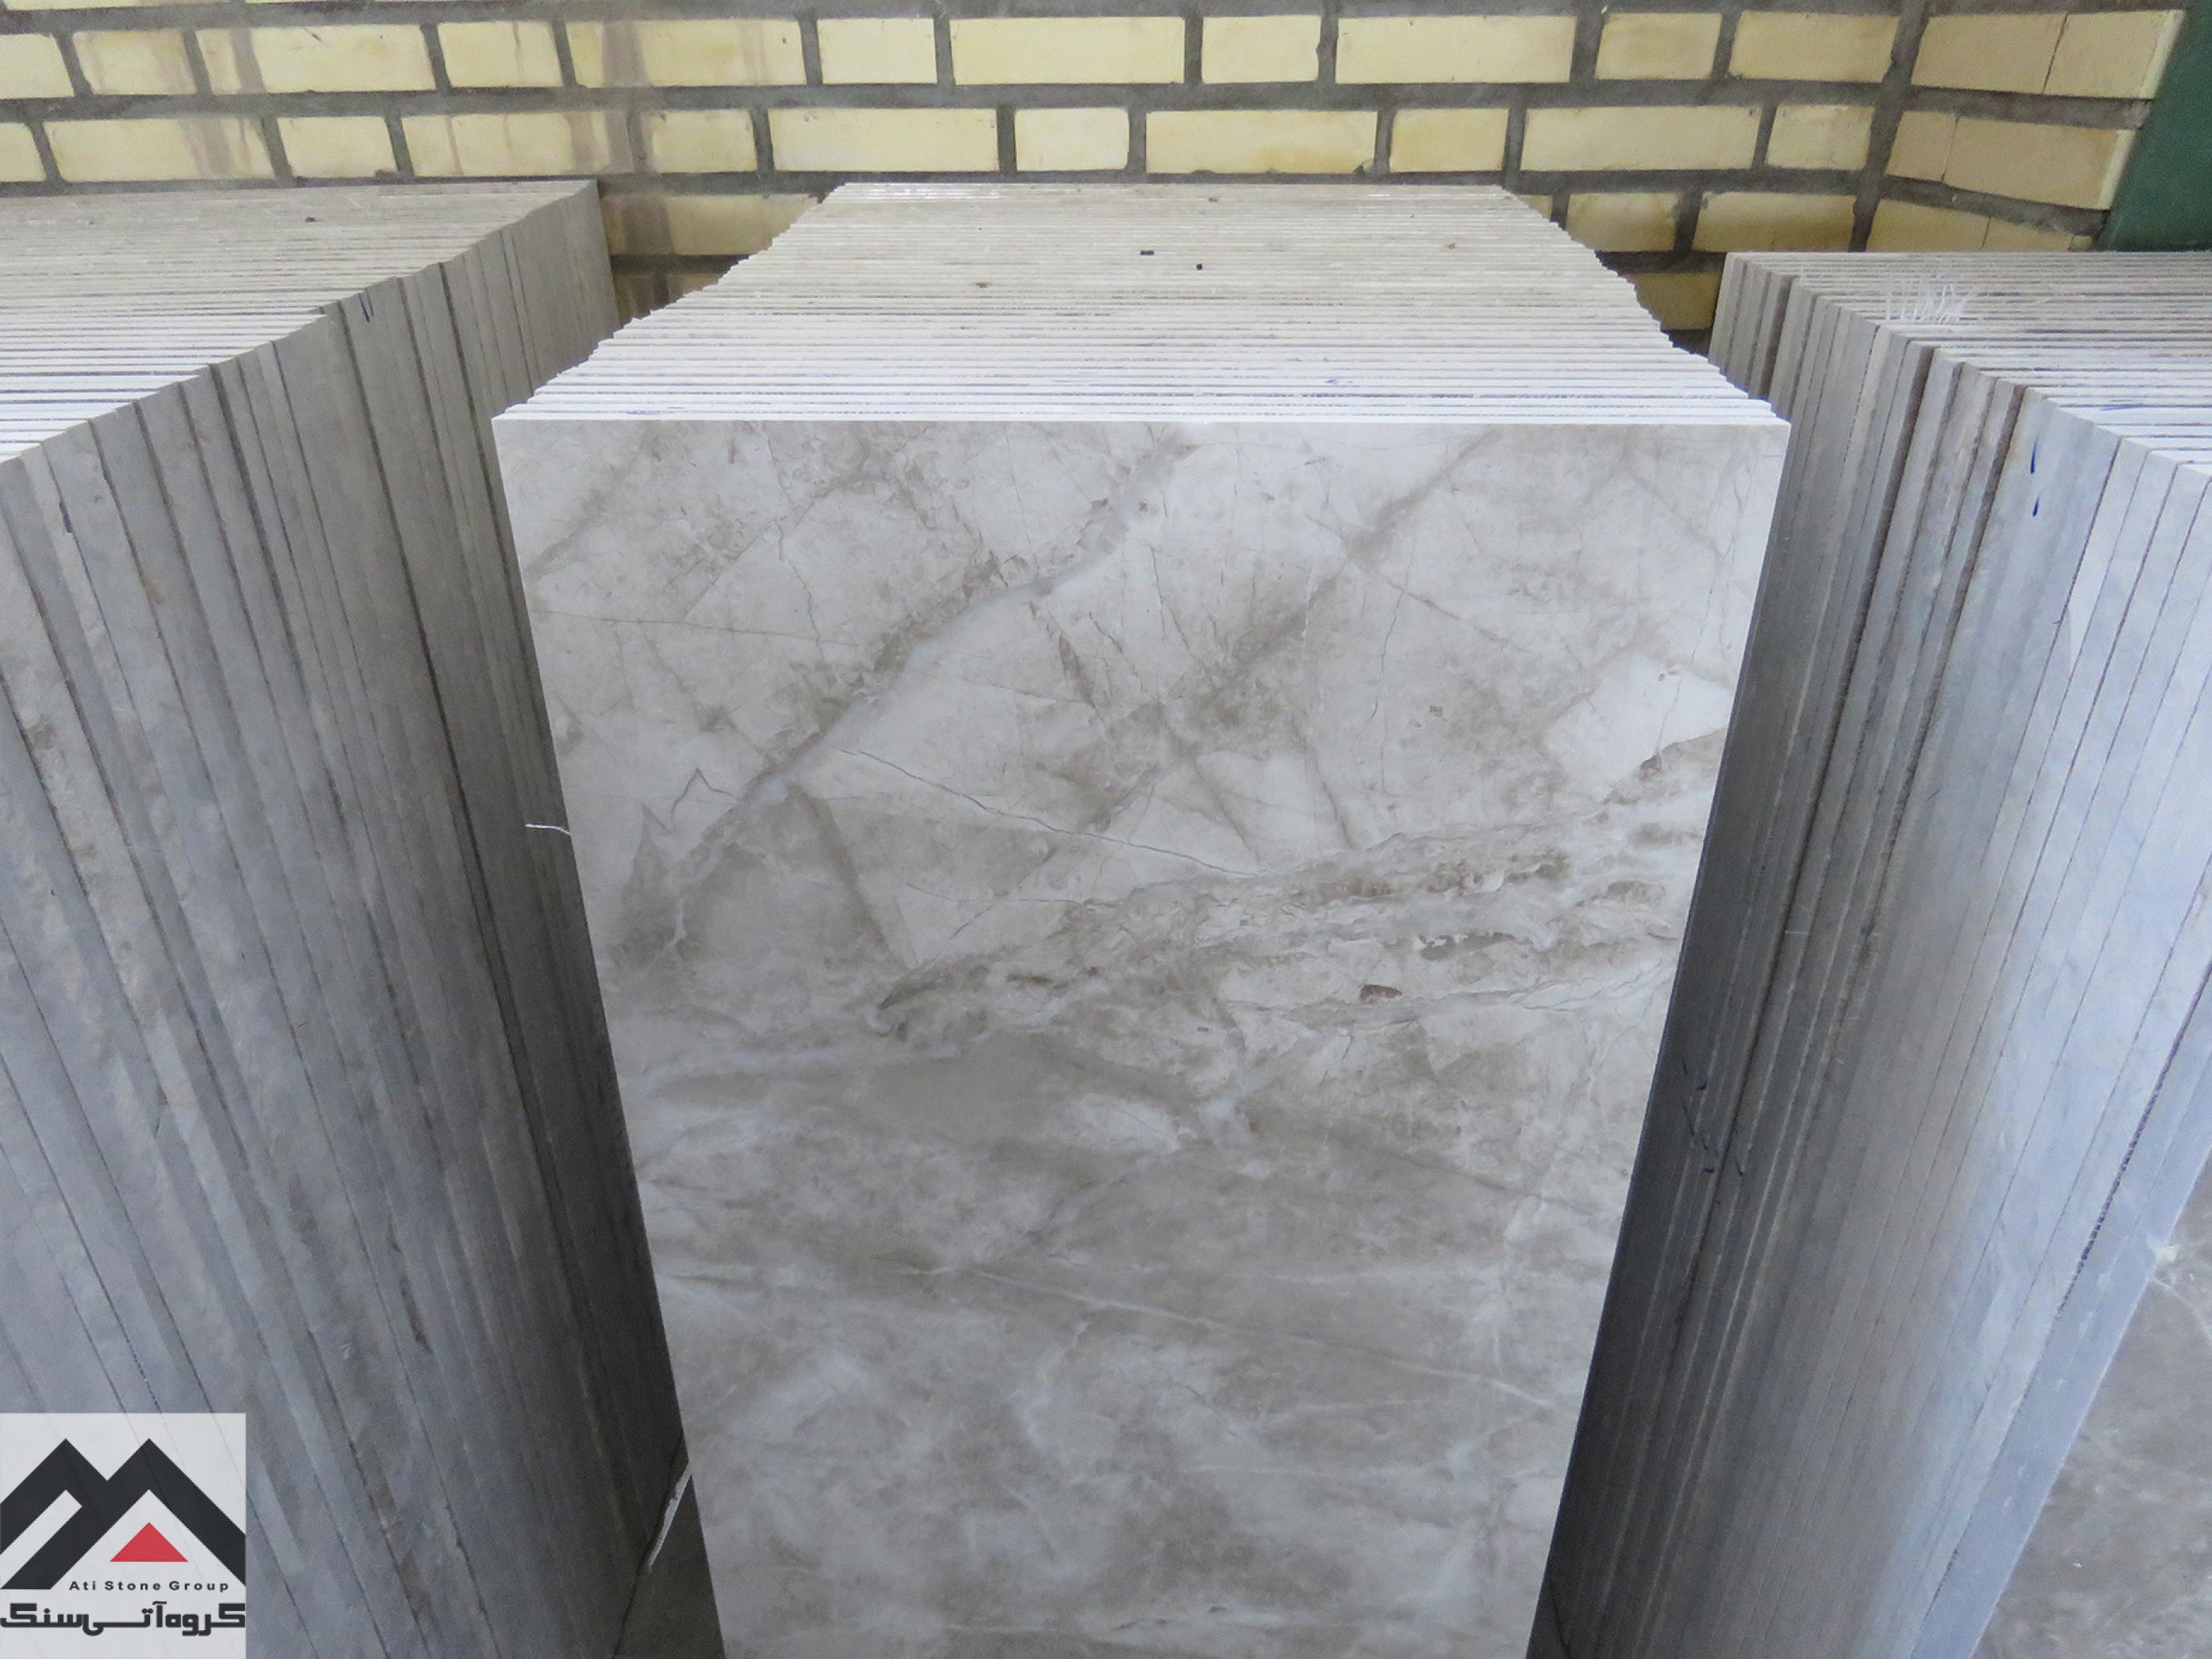 کیفیت بالای سنگ مرمریت پرشین سیلک بیات مناسب برای سنگ دیوار و سنگ پله در طراحی داخلی ساختمان